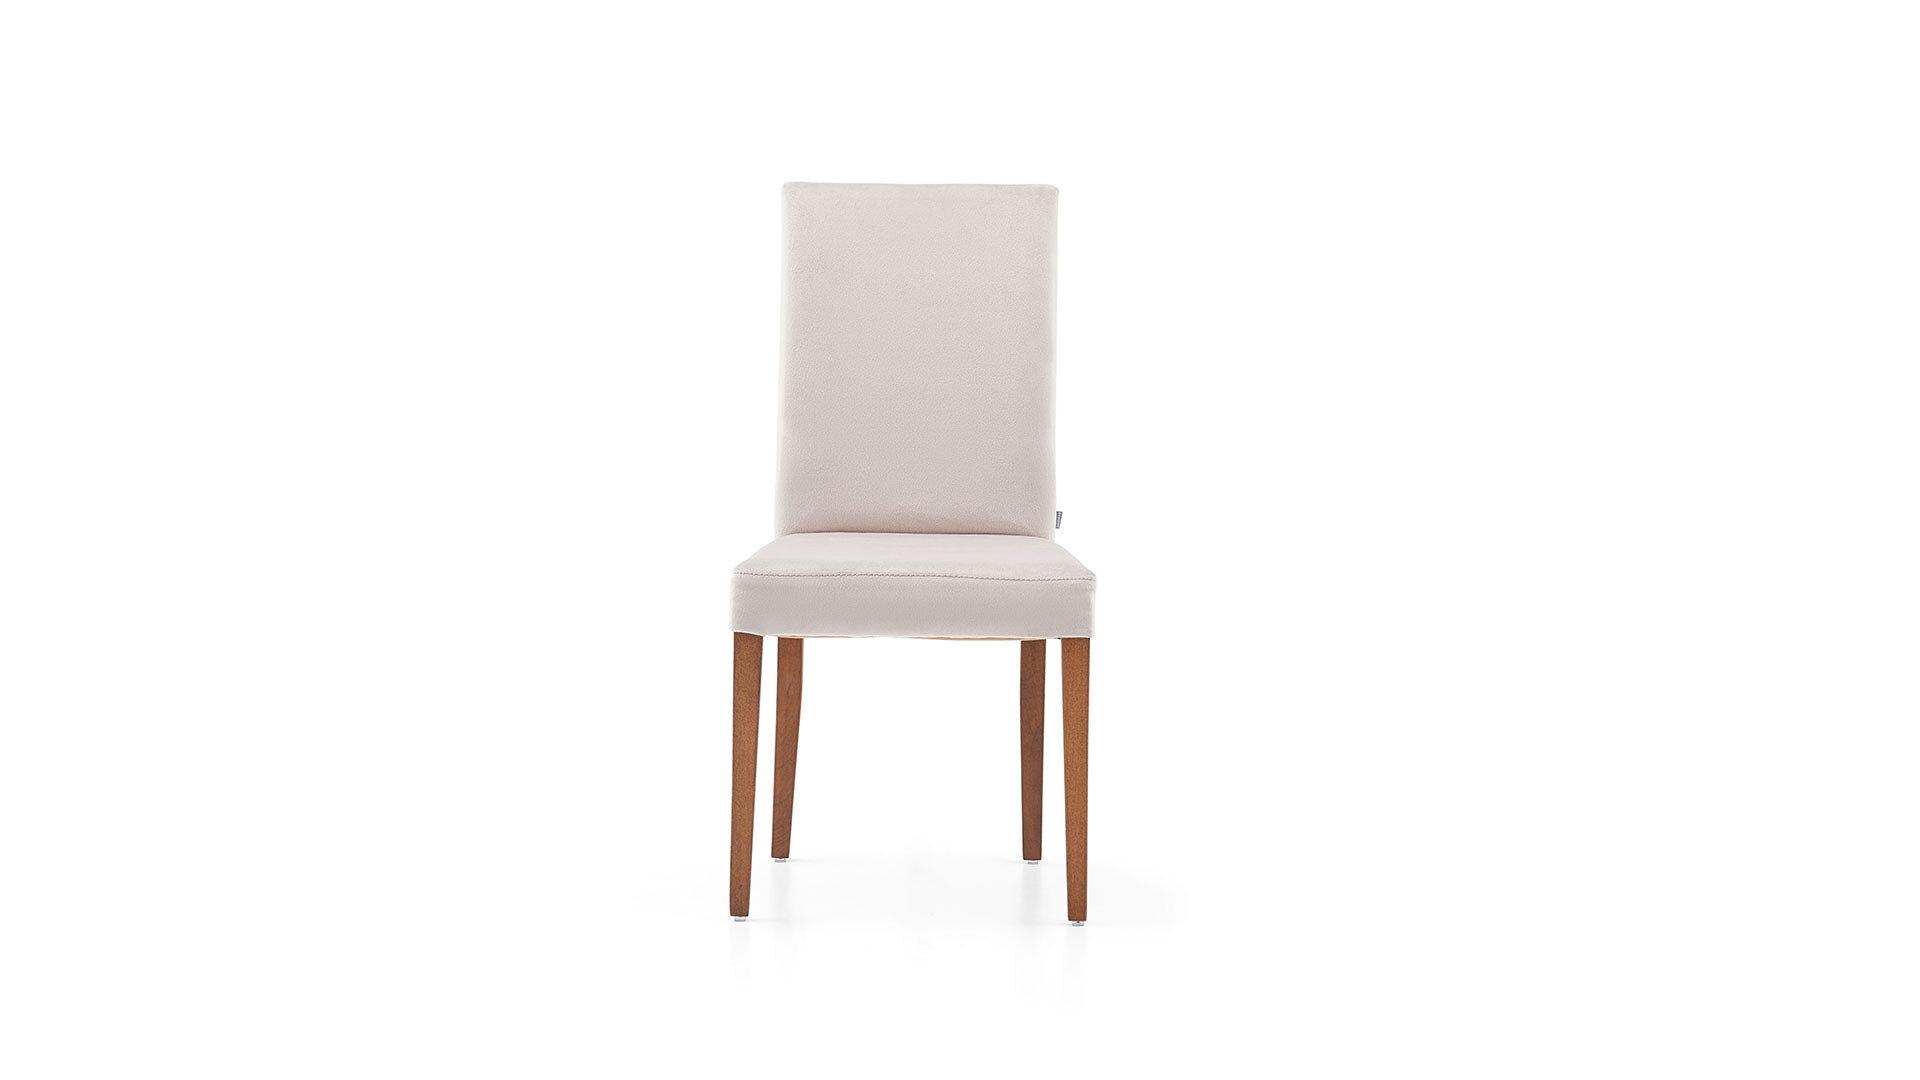 Miorca Chair